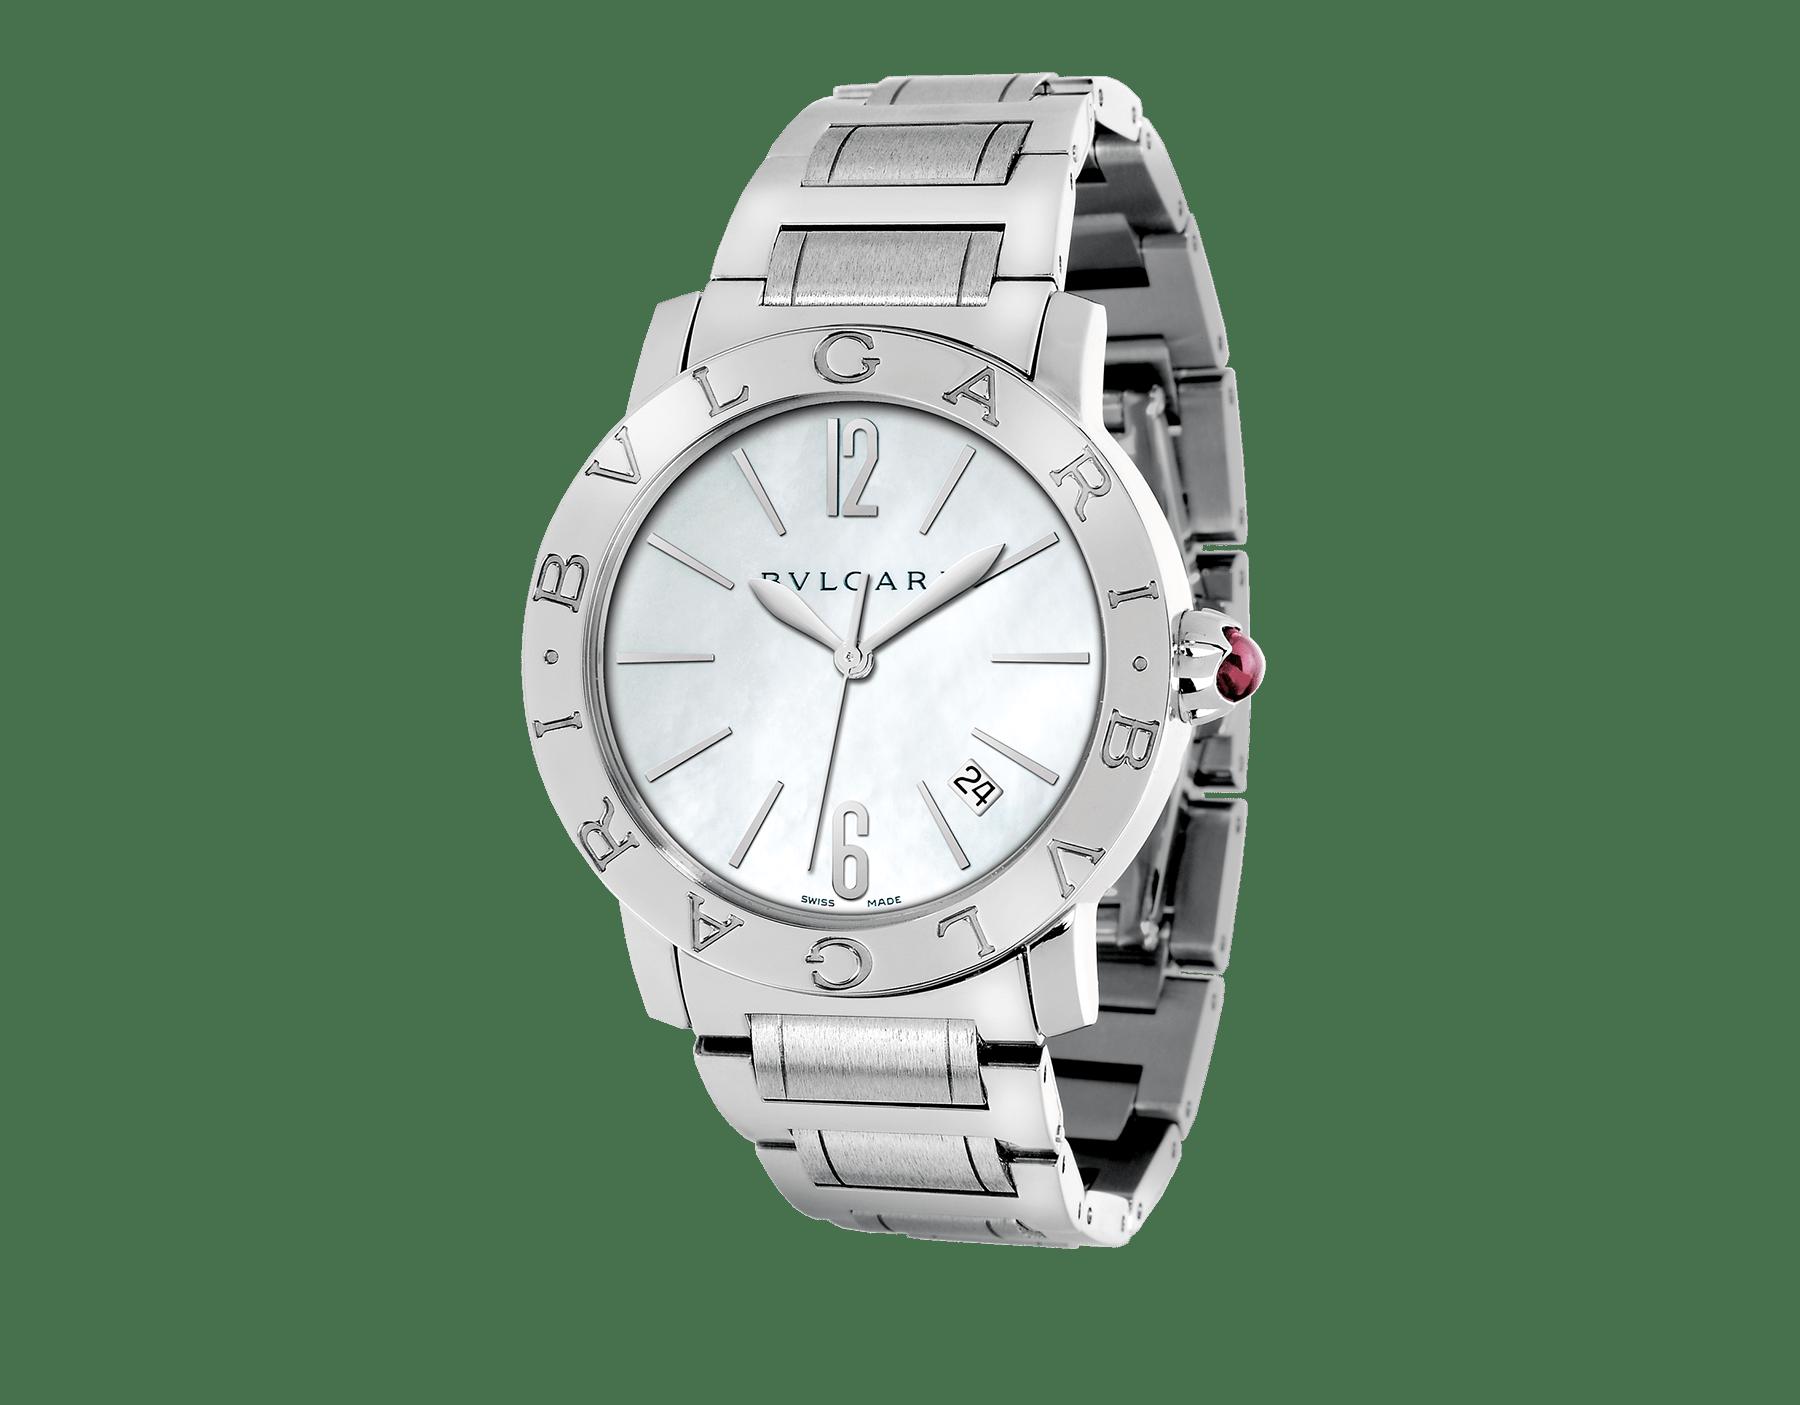 Montre BVLGARI BVLGARI avec boîtier et bracelet en acier inoxydable, cadran en nacre blanche et date. Grand modèle. 101976 image 1